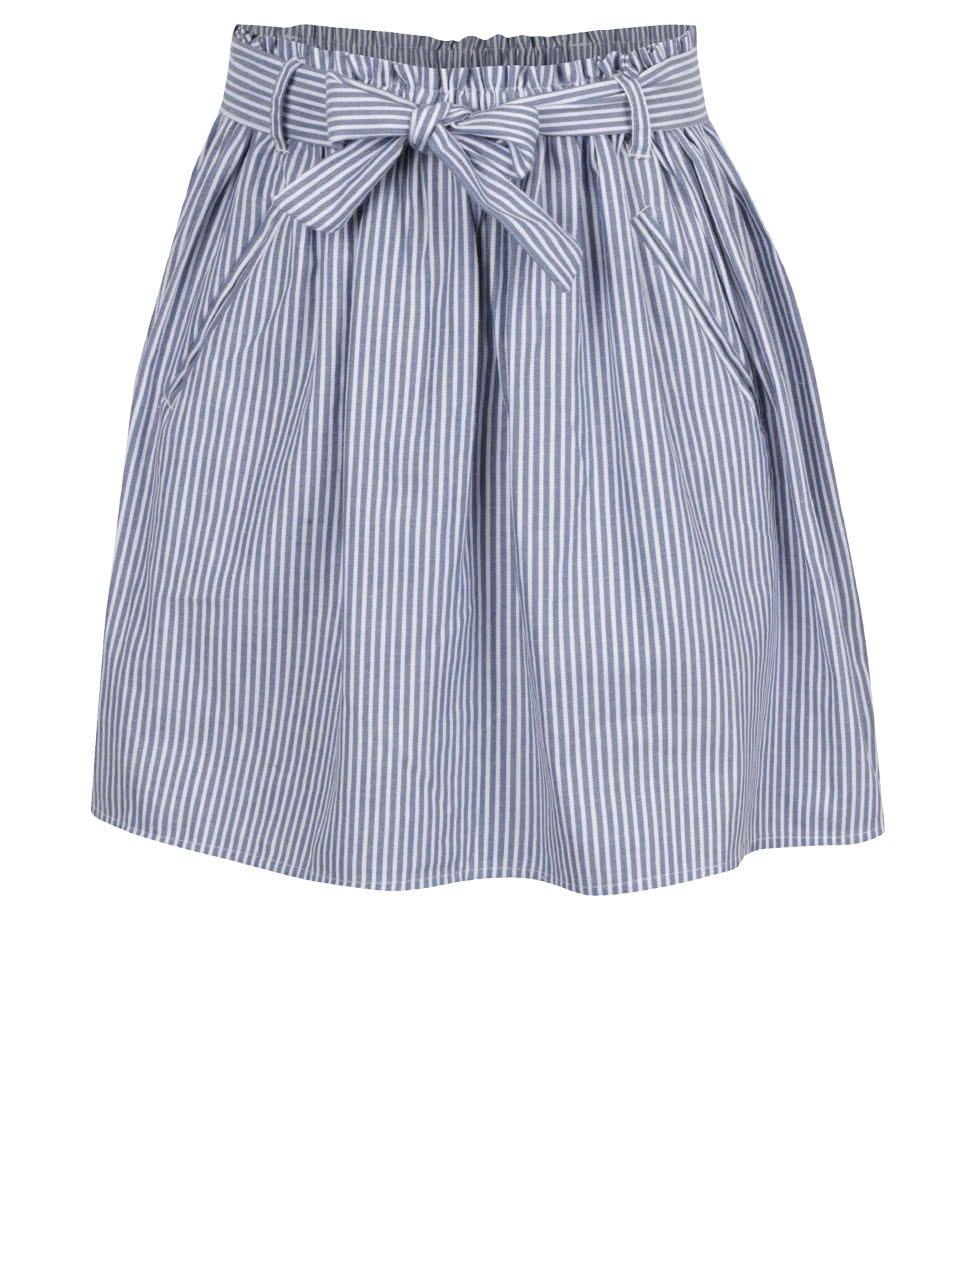 Modro-bílá holčičí pruhovaná sukně 5.10.15.